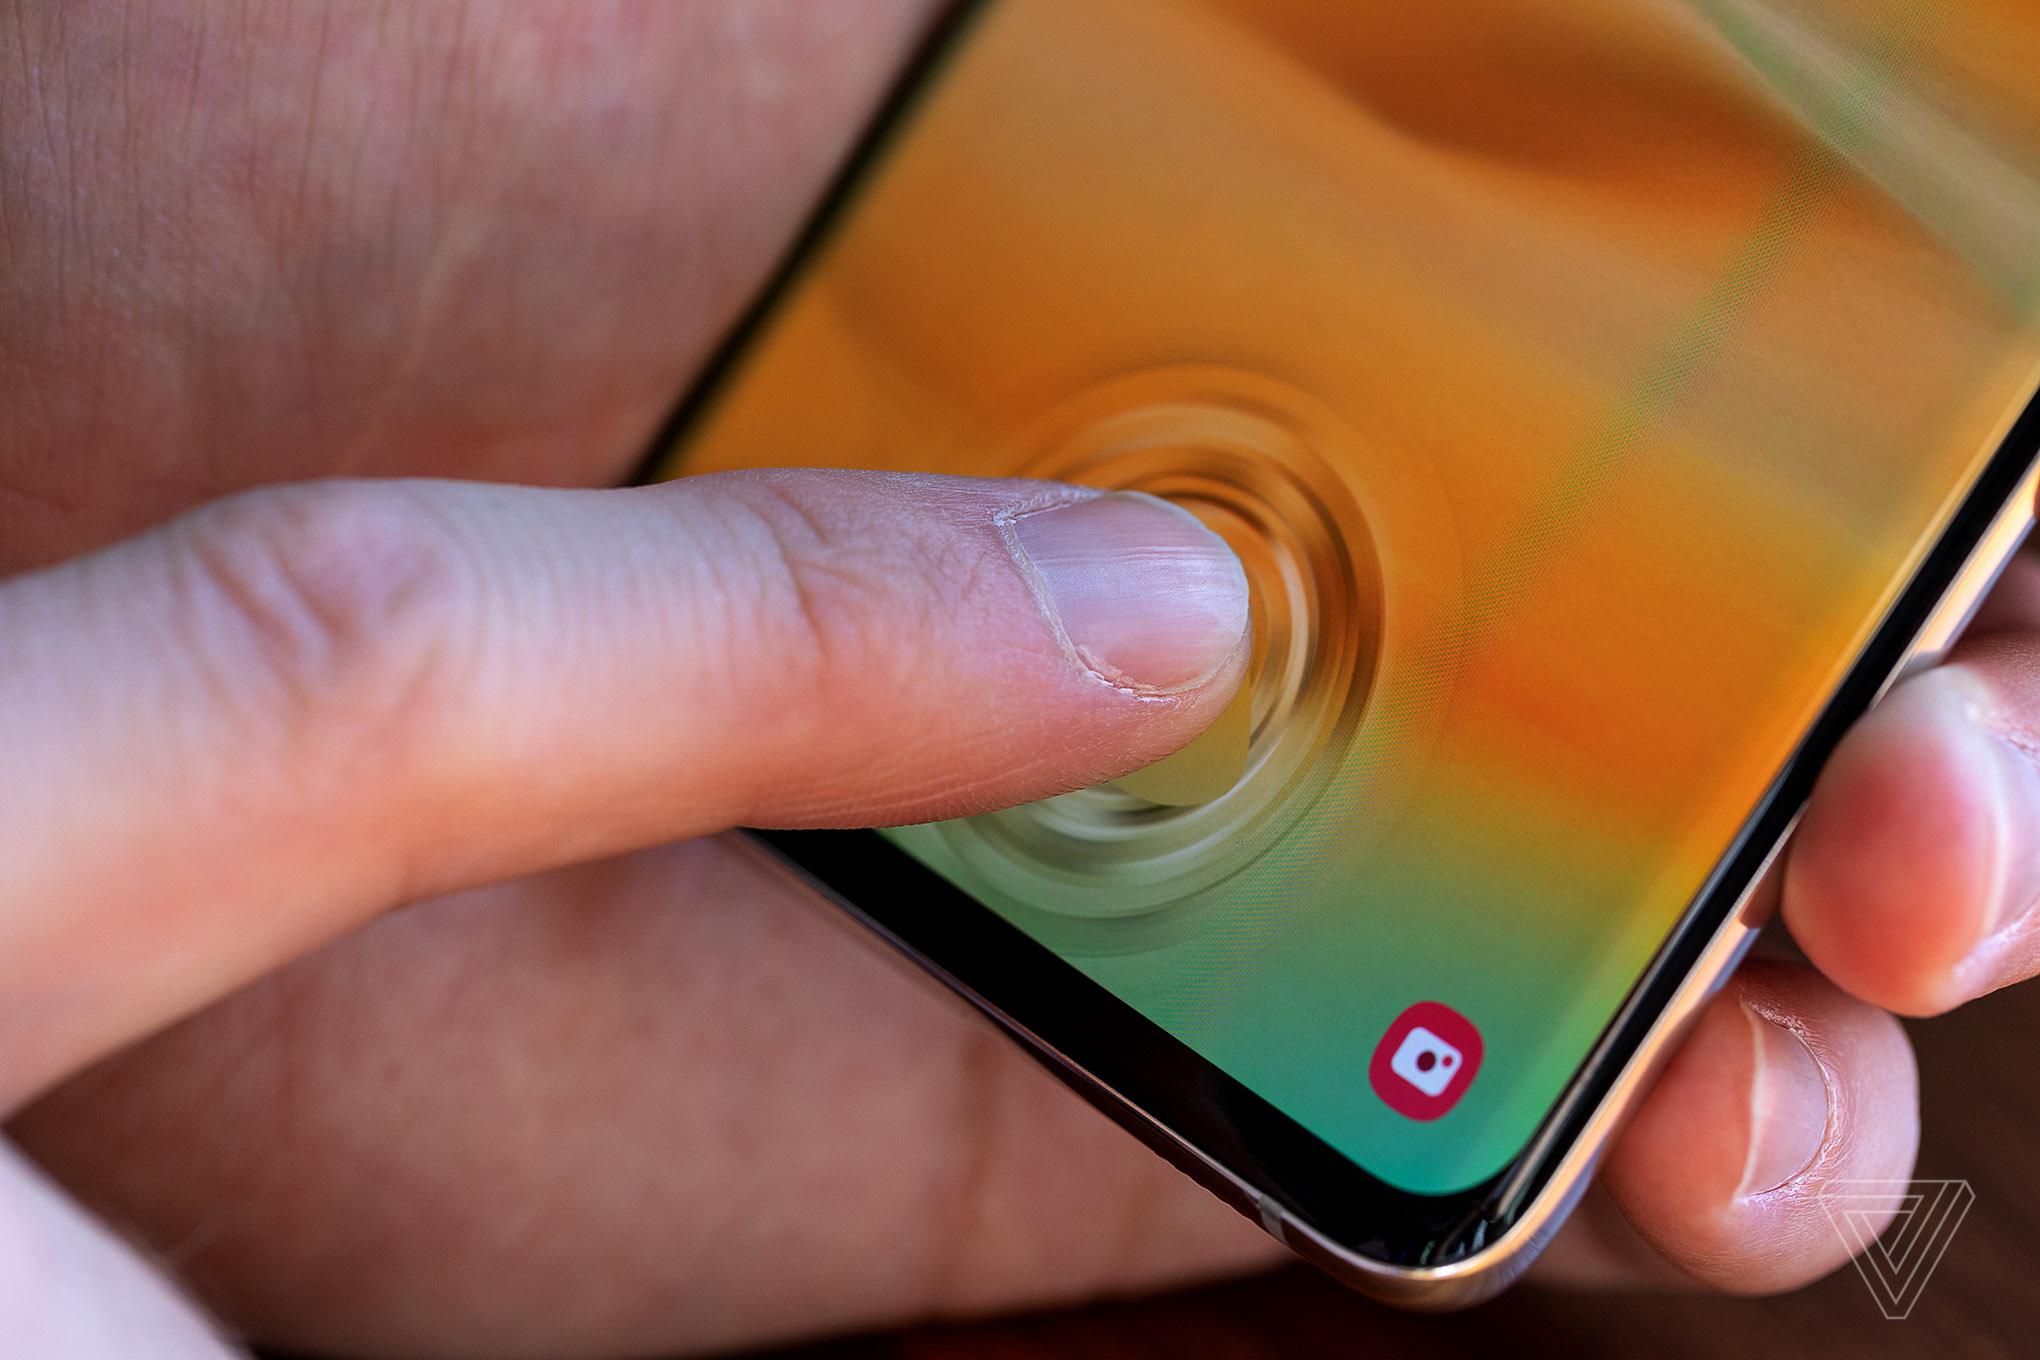 Дактилоскопический датчик Samsung Galaxy S10 удалось обмануть с помощью отпечатка пальца напечатанного на 3D-принтере